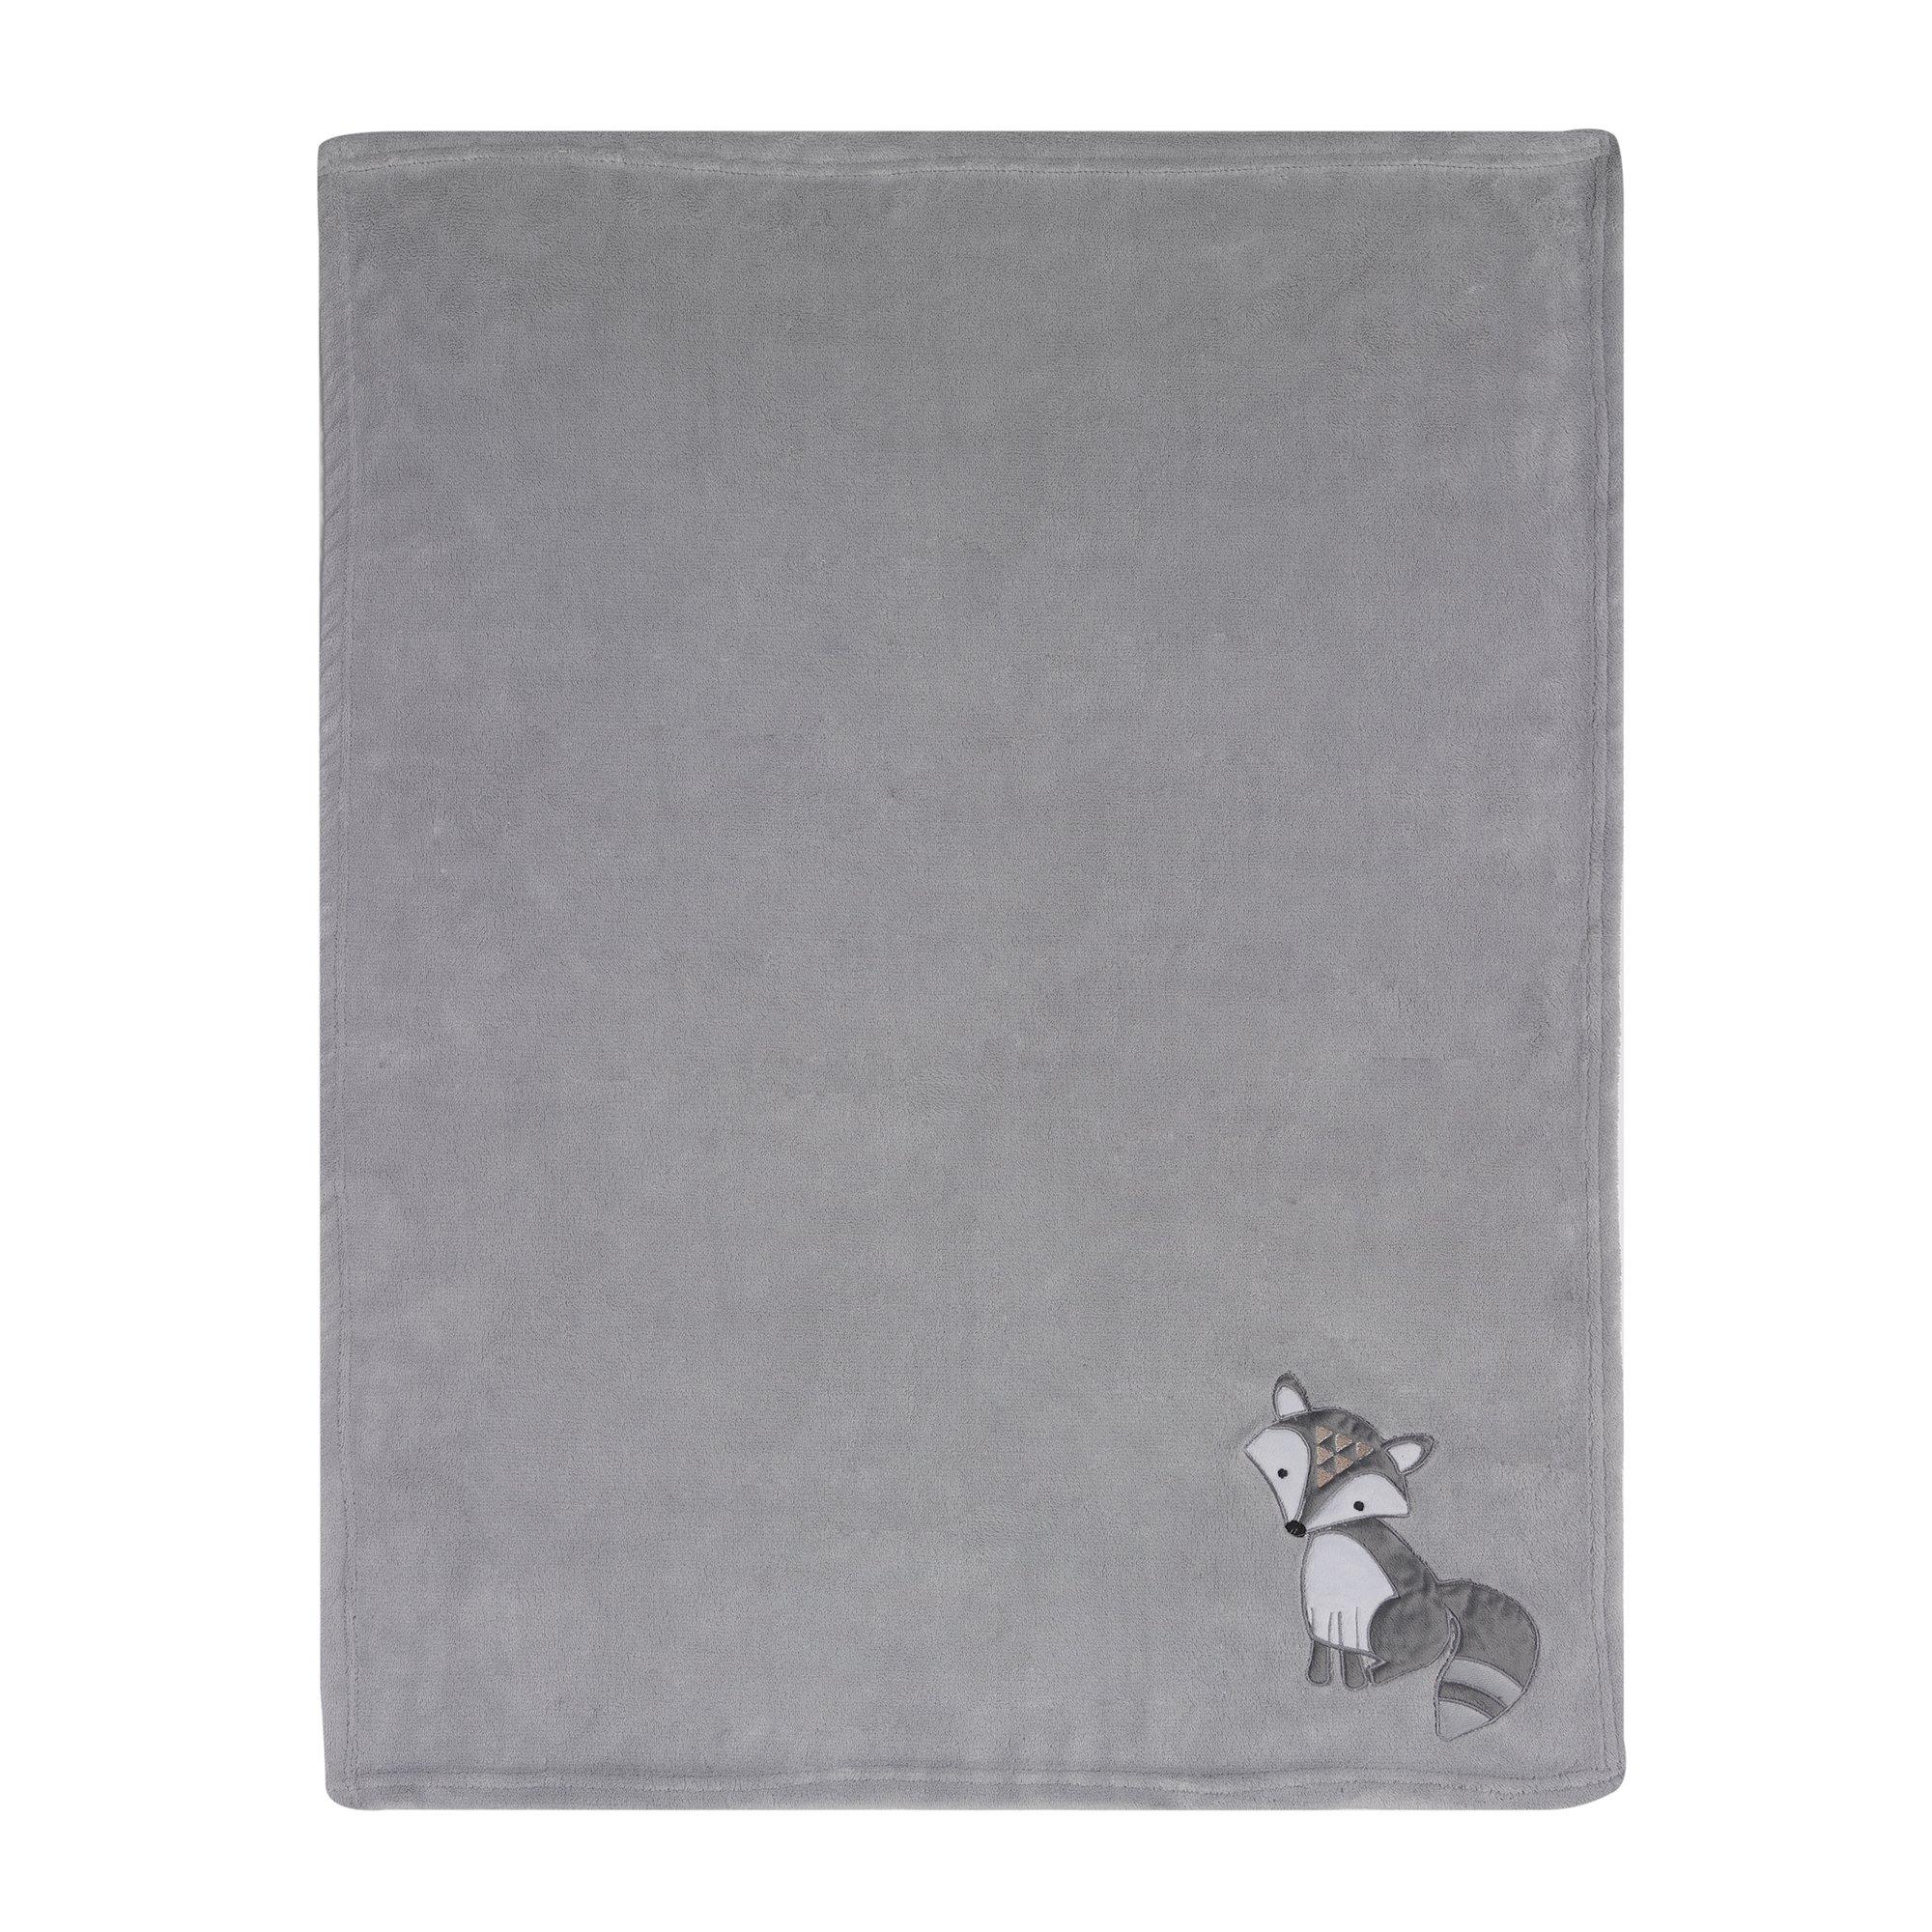 Bedtime Originals Little Rascals Fox Blanket, Gray/White